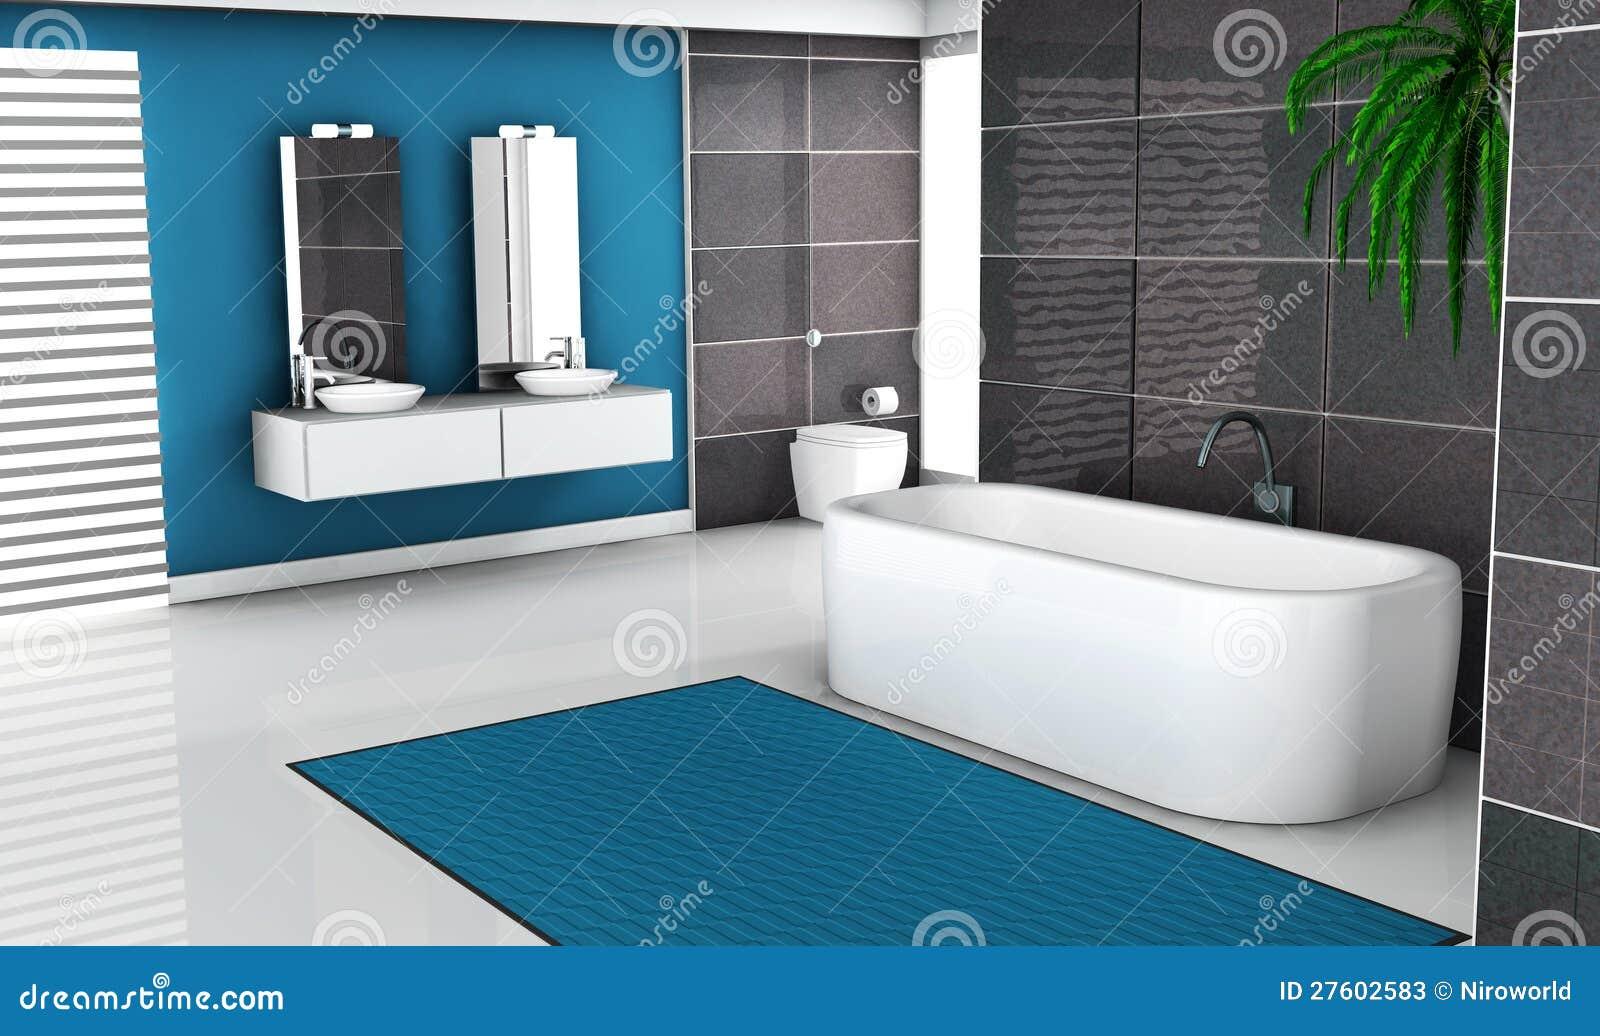 salle de bains bleue moderne illustration stock illustration du vert appartement 27602583. Black Bedroom Furniture Sets. Home Design Ideas